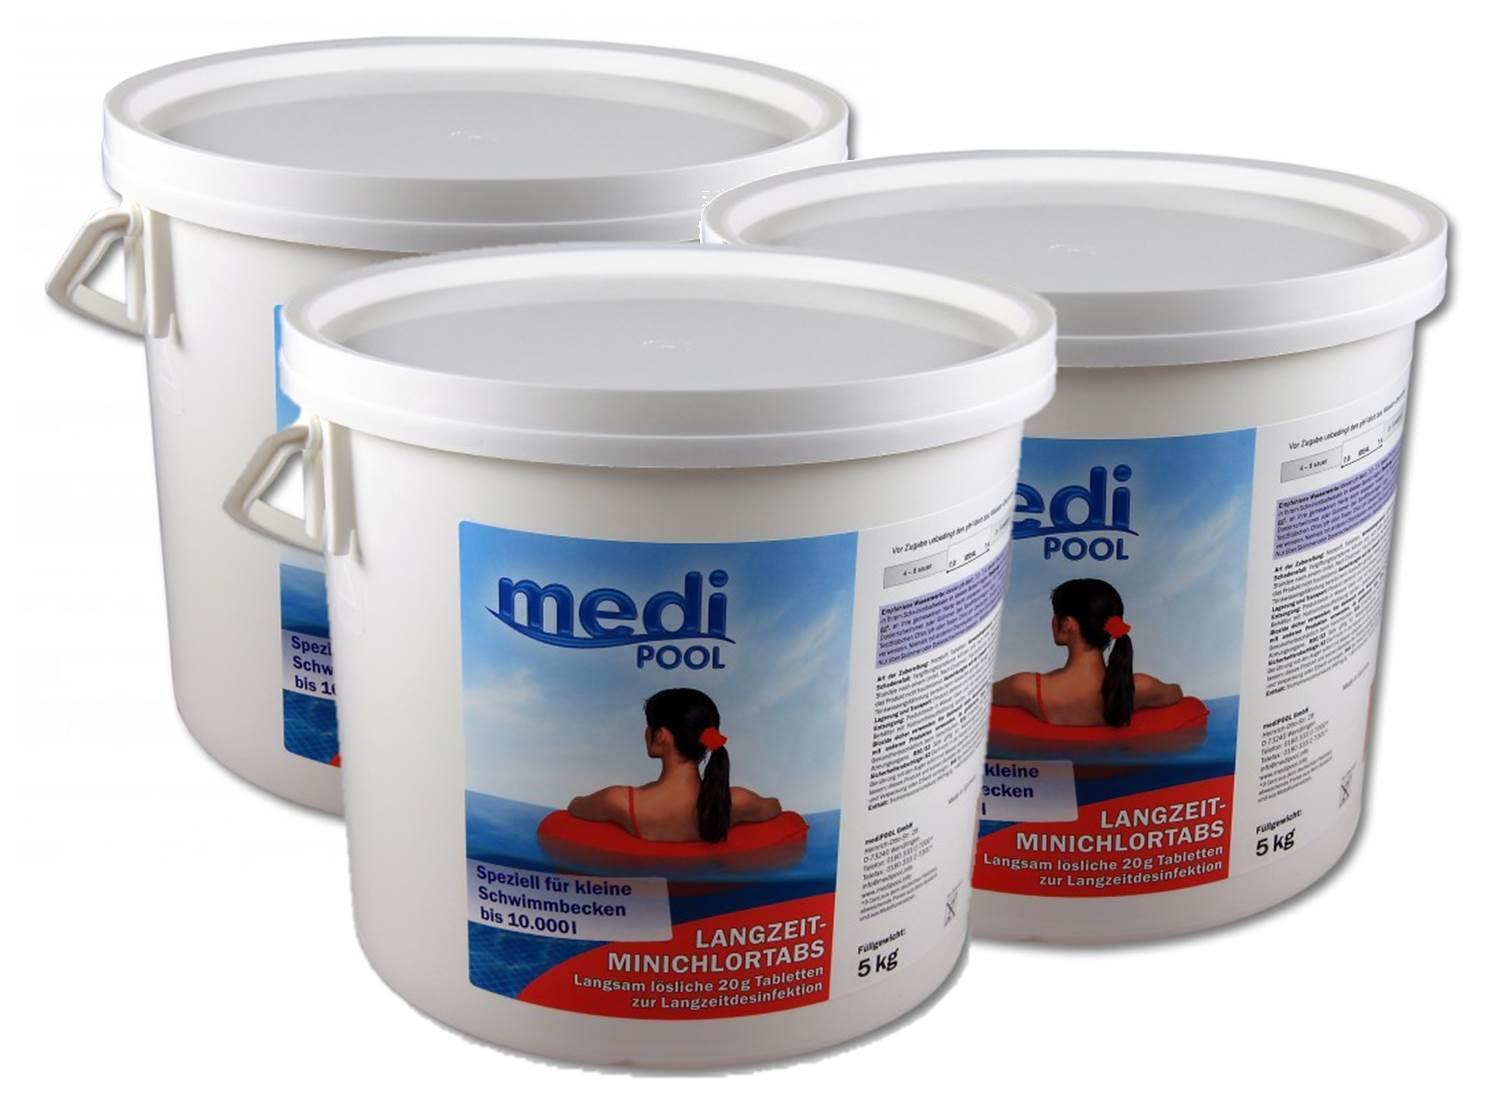 3 x Langzeit MiniChlorTabs 20g, 3 x 5 kg mediPOOL, Chlorlangzeittabletten